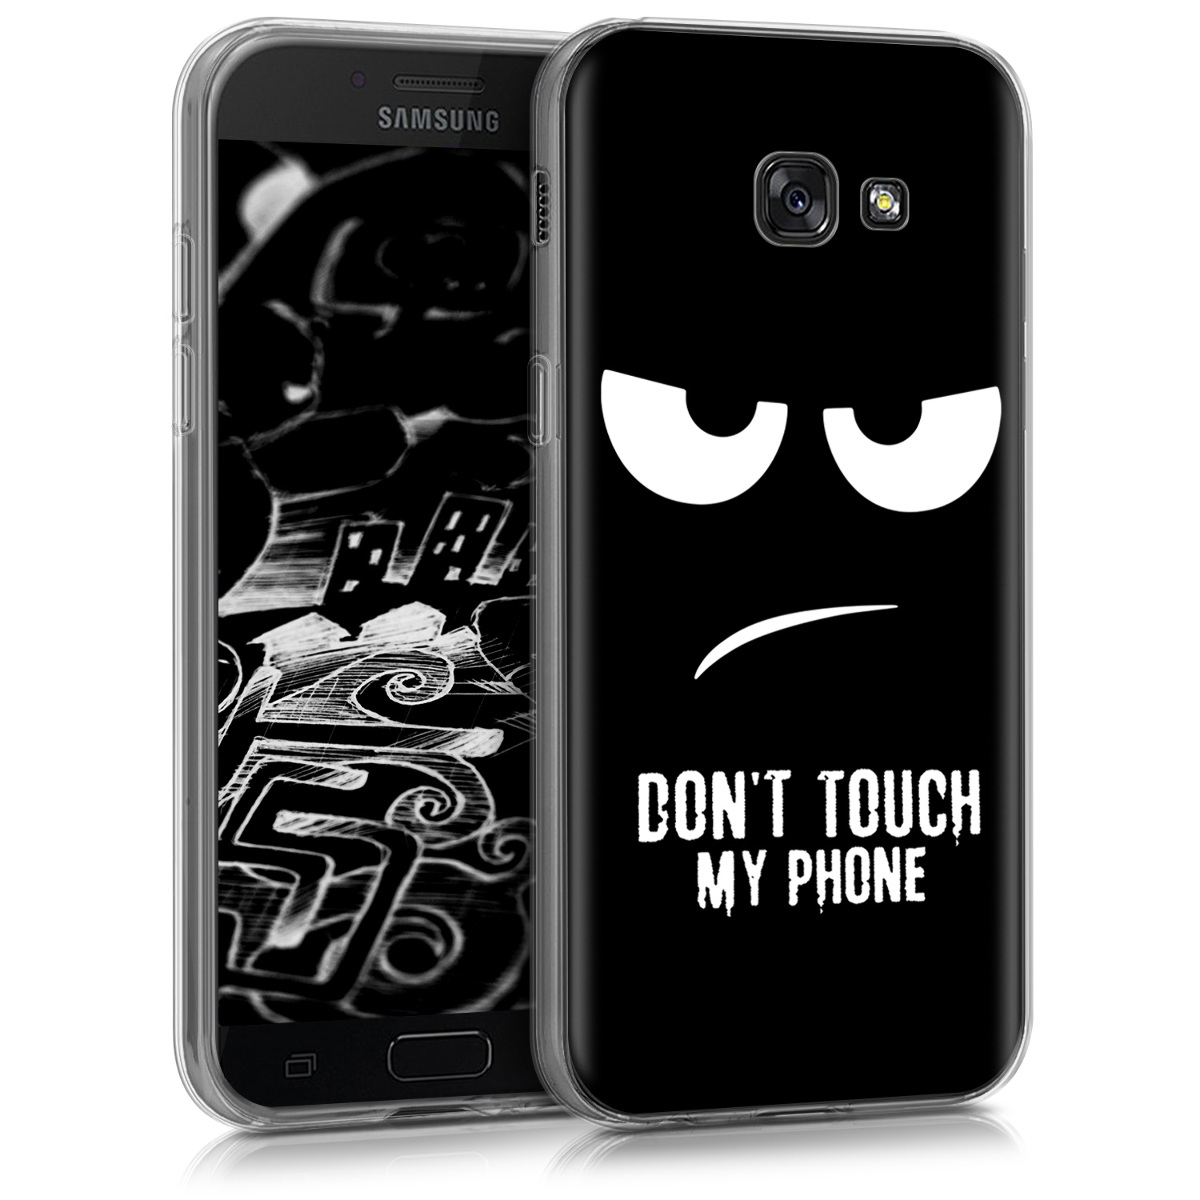 Kvalitní silikonové TPU pouzdro pro Samsung A5 (2017) - Nedotýkejte My Phone bílé / černé